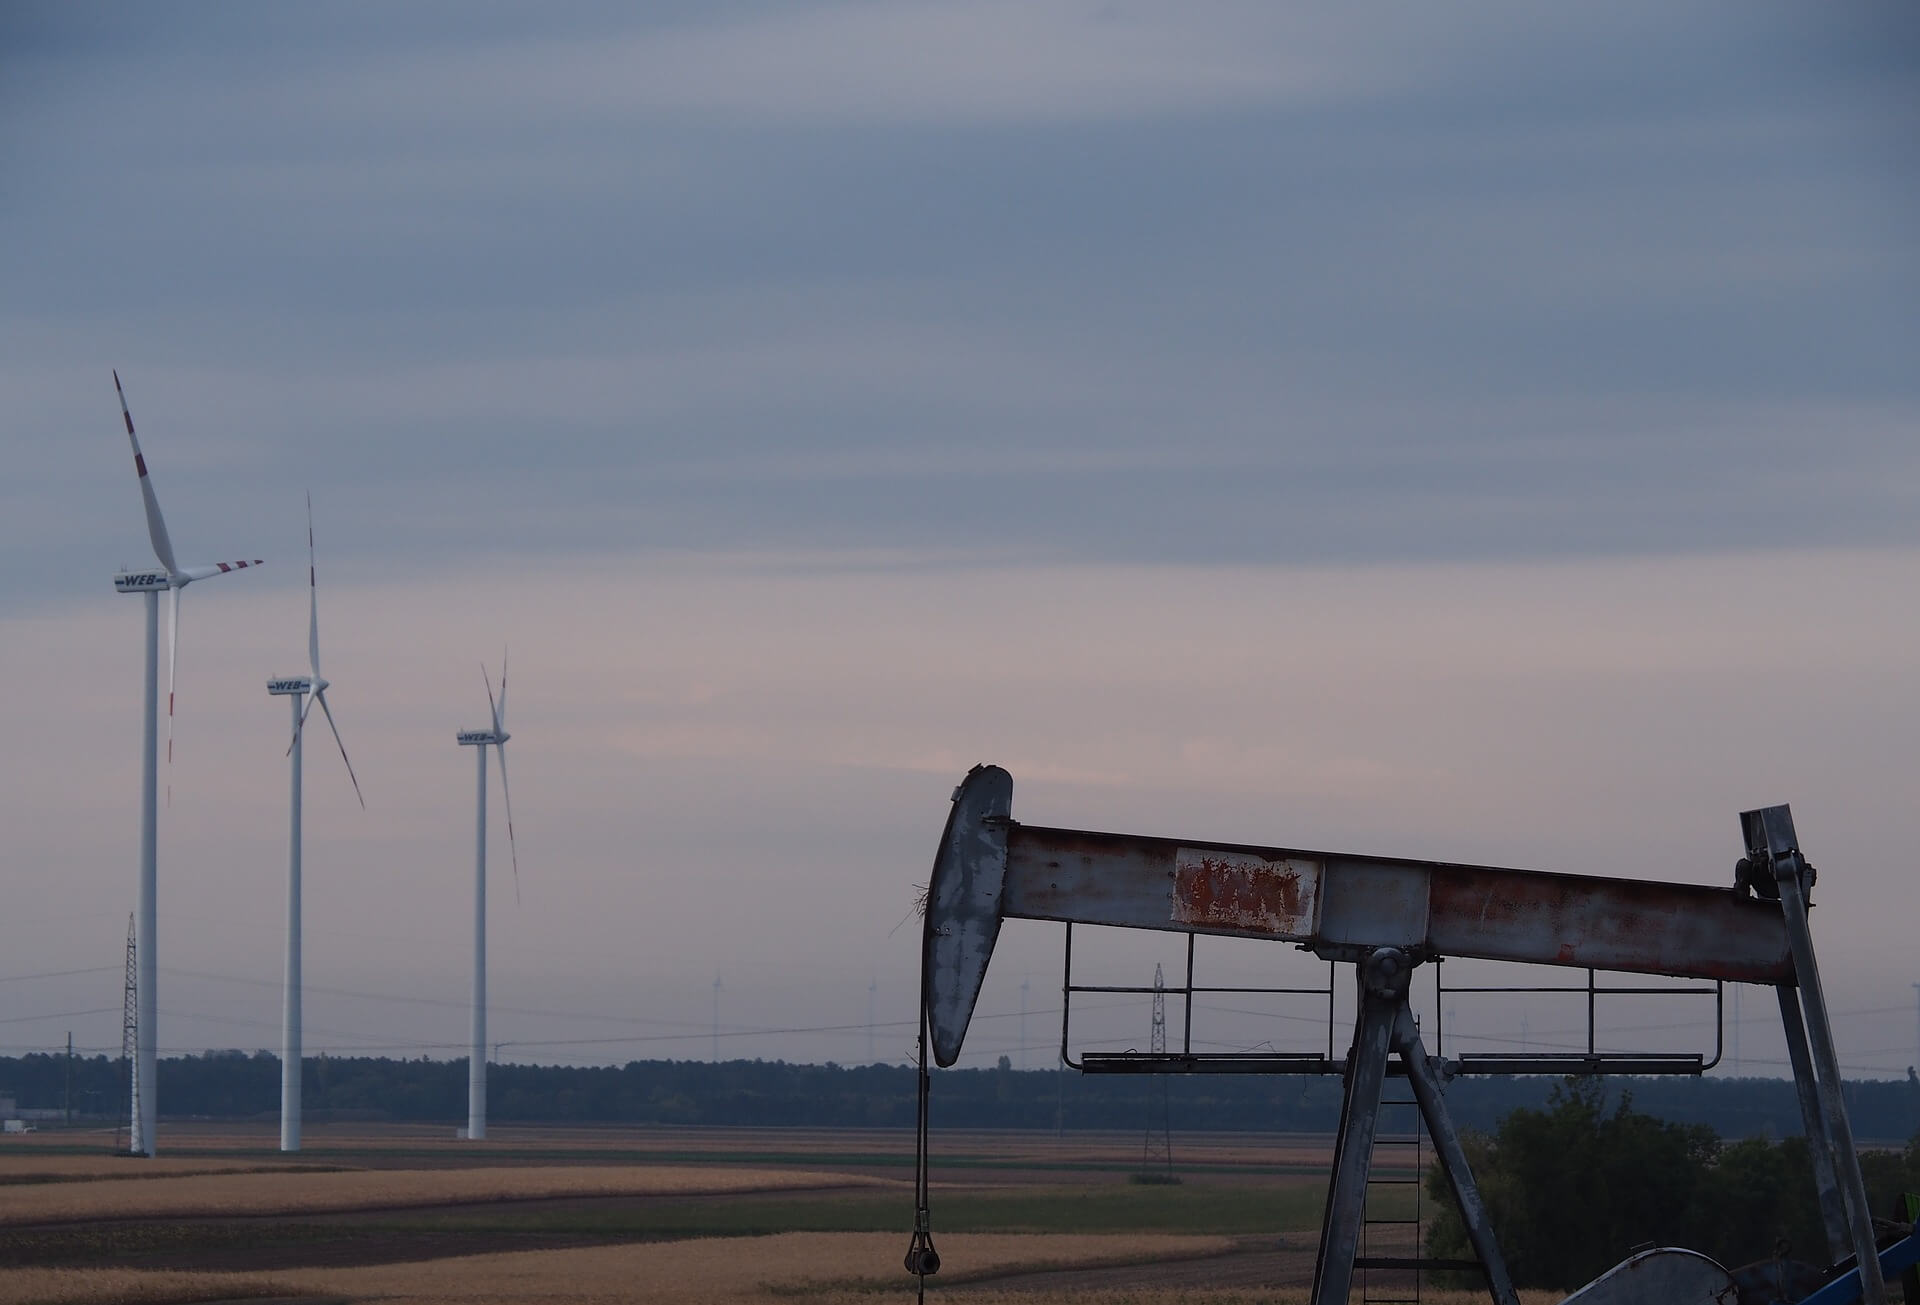 Экономика возобновляемых источников энергии неможет конкурировать снефтью, если рассматривать еенапротяжении всего цикла